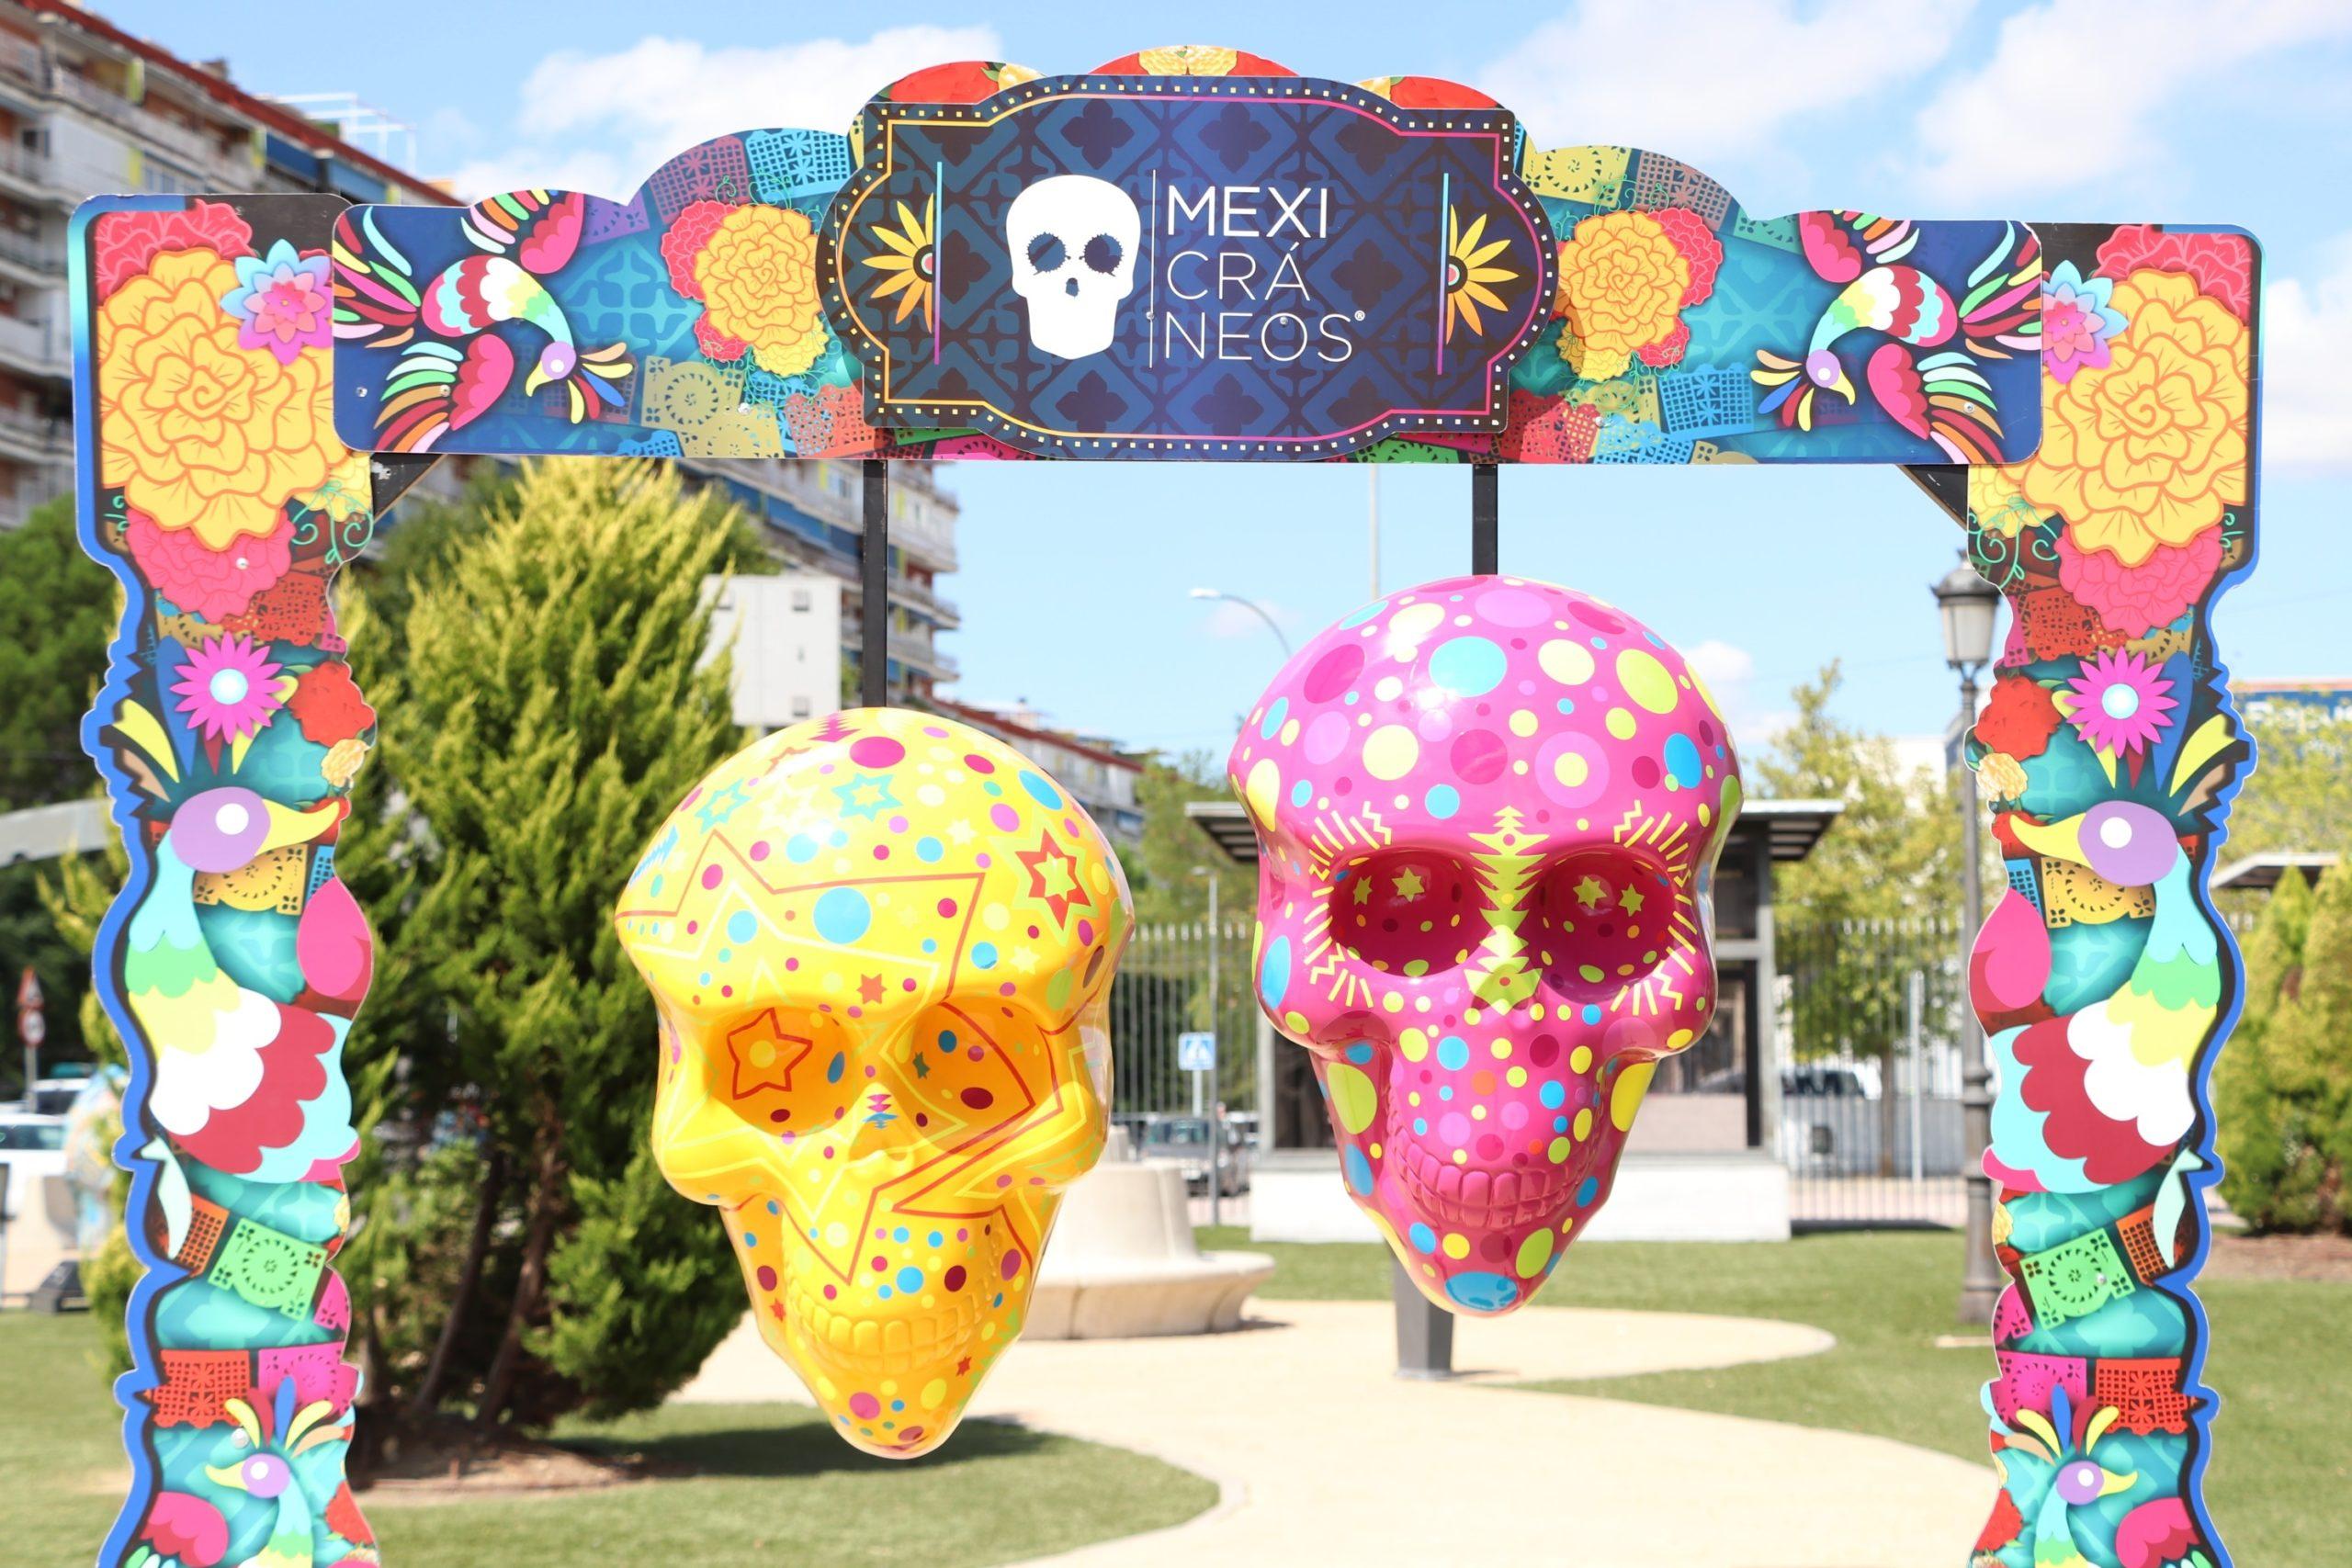 Cráneos monumentales para celebrar la vida